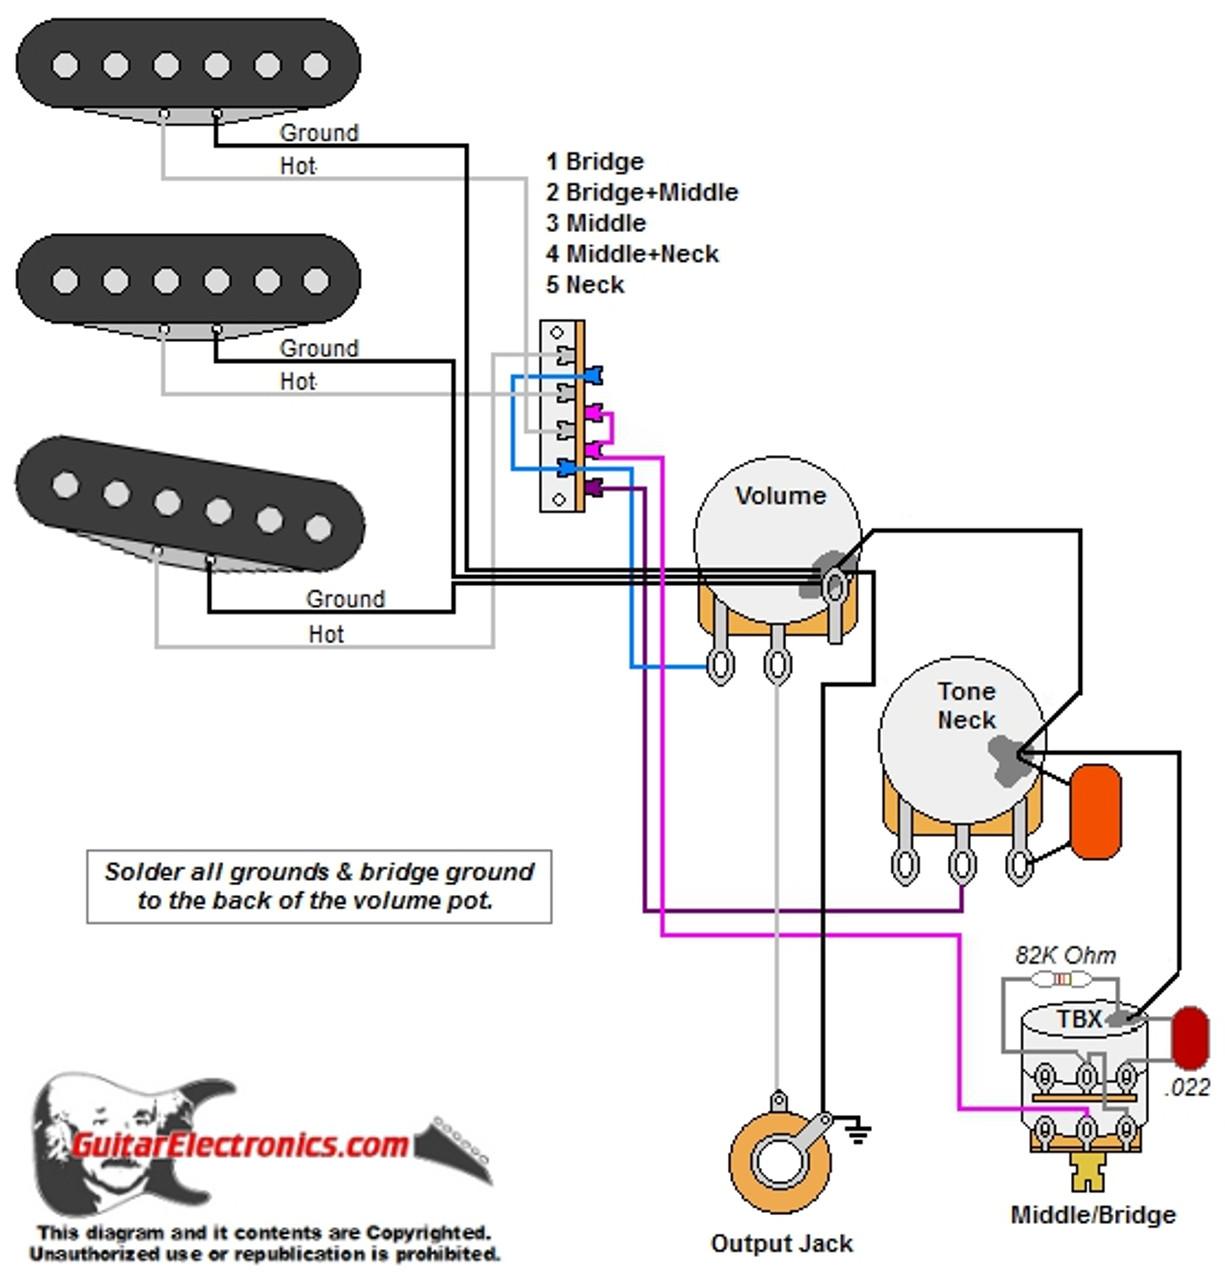 strat w tbx tone control fender strat pickguard wiring diagram wdusss5l1205 92758 1481686223 jpg c [ 1225 x 1280 Pixel ]